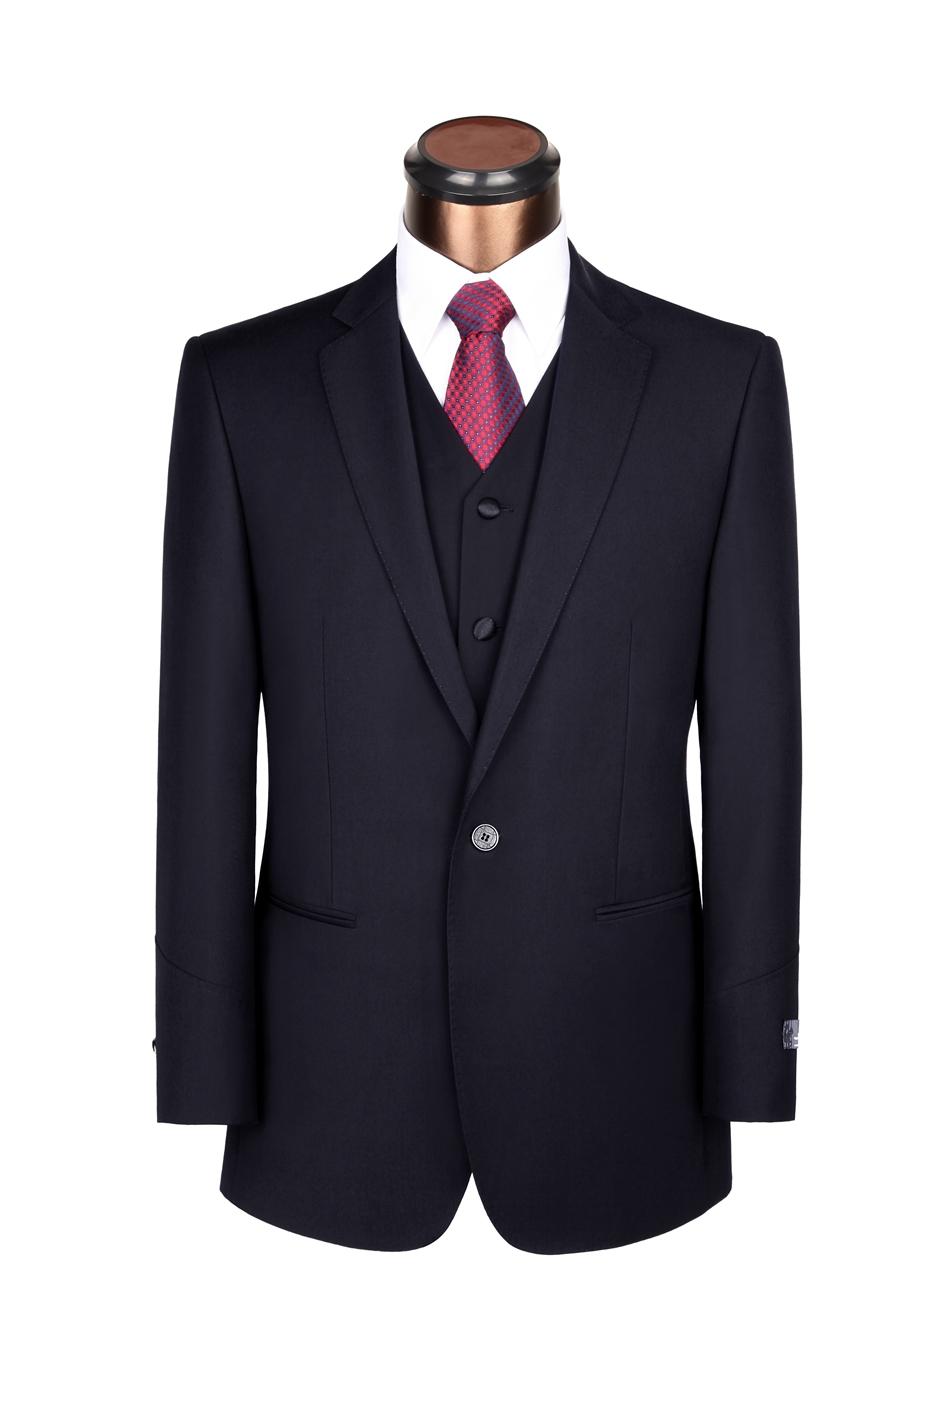 Hot Sale!!! Top Quality 2015 Popular Suits For Men Design Unique Wedding Suits Plus Size XS-5XL Men Suit Free Shipping(China (Mainland))